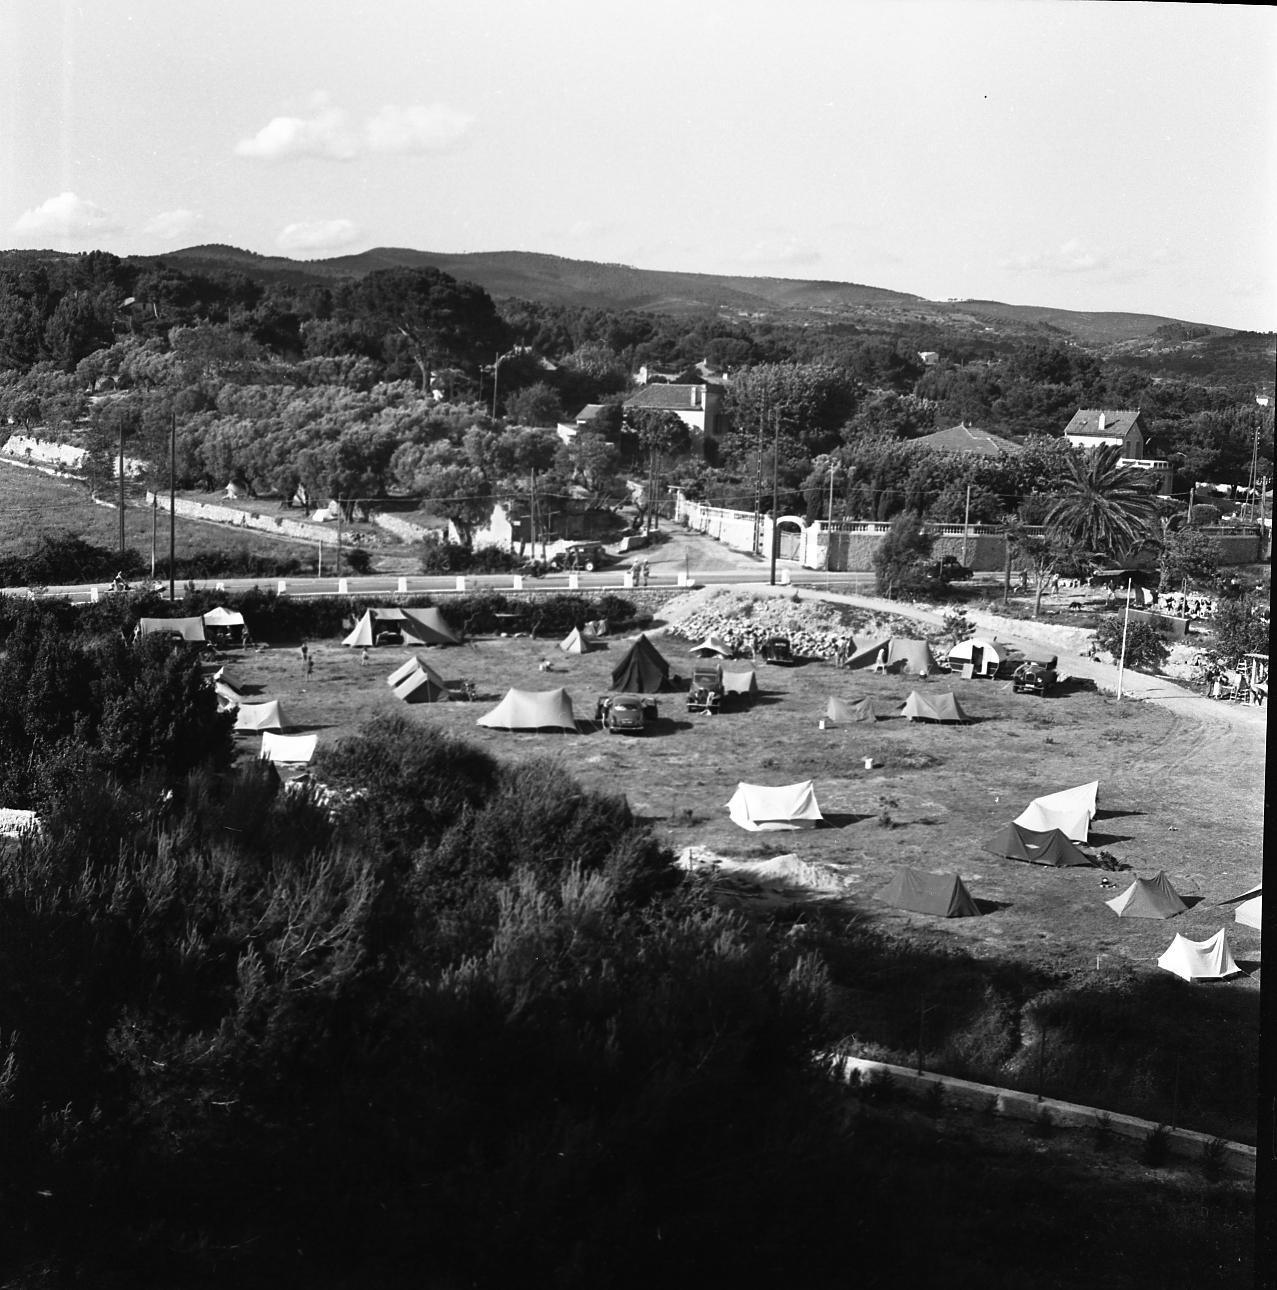 42Fi 0049 Ancien camping de St Jean avec en fond la montée de l'Homme Rouge. Ce n'est pas encore le camping de masse que nous connaitrons plus tard. 12/07/1953